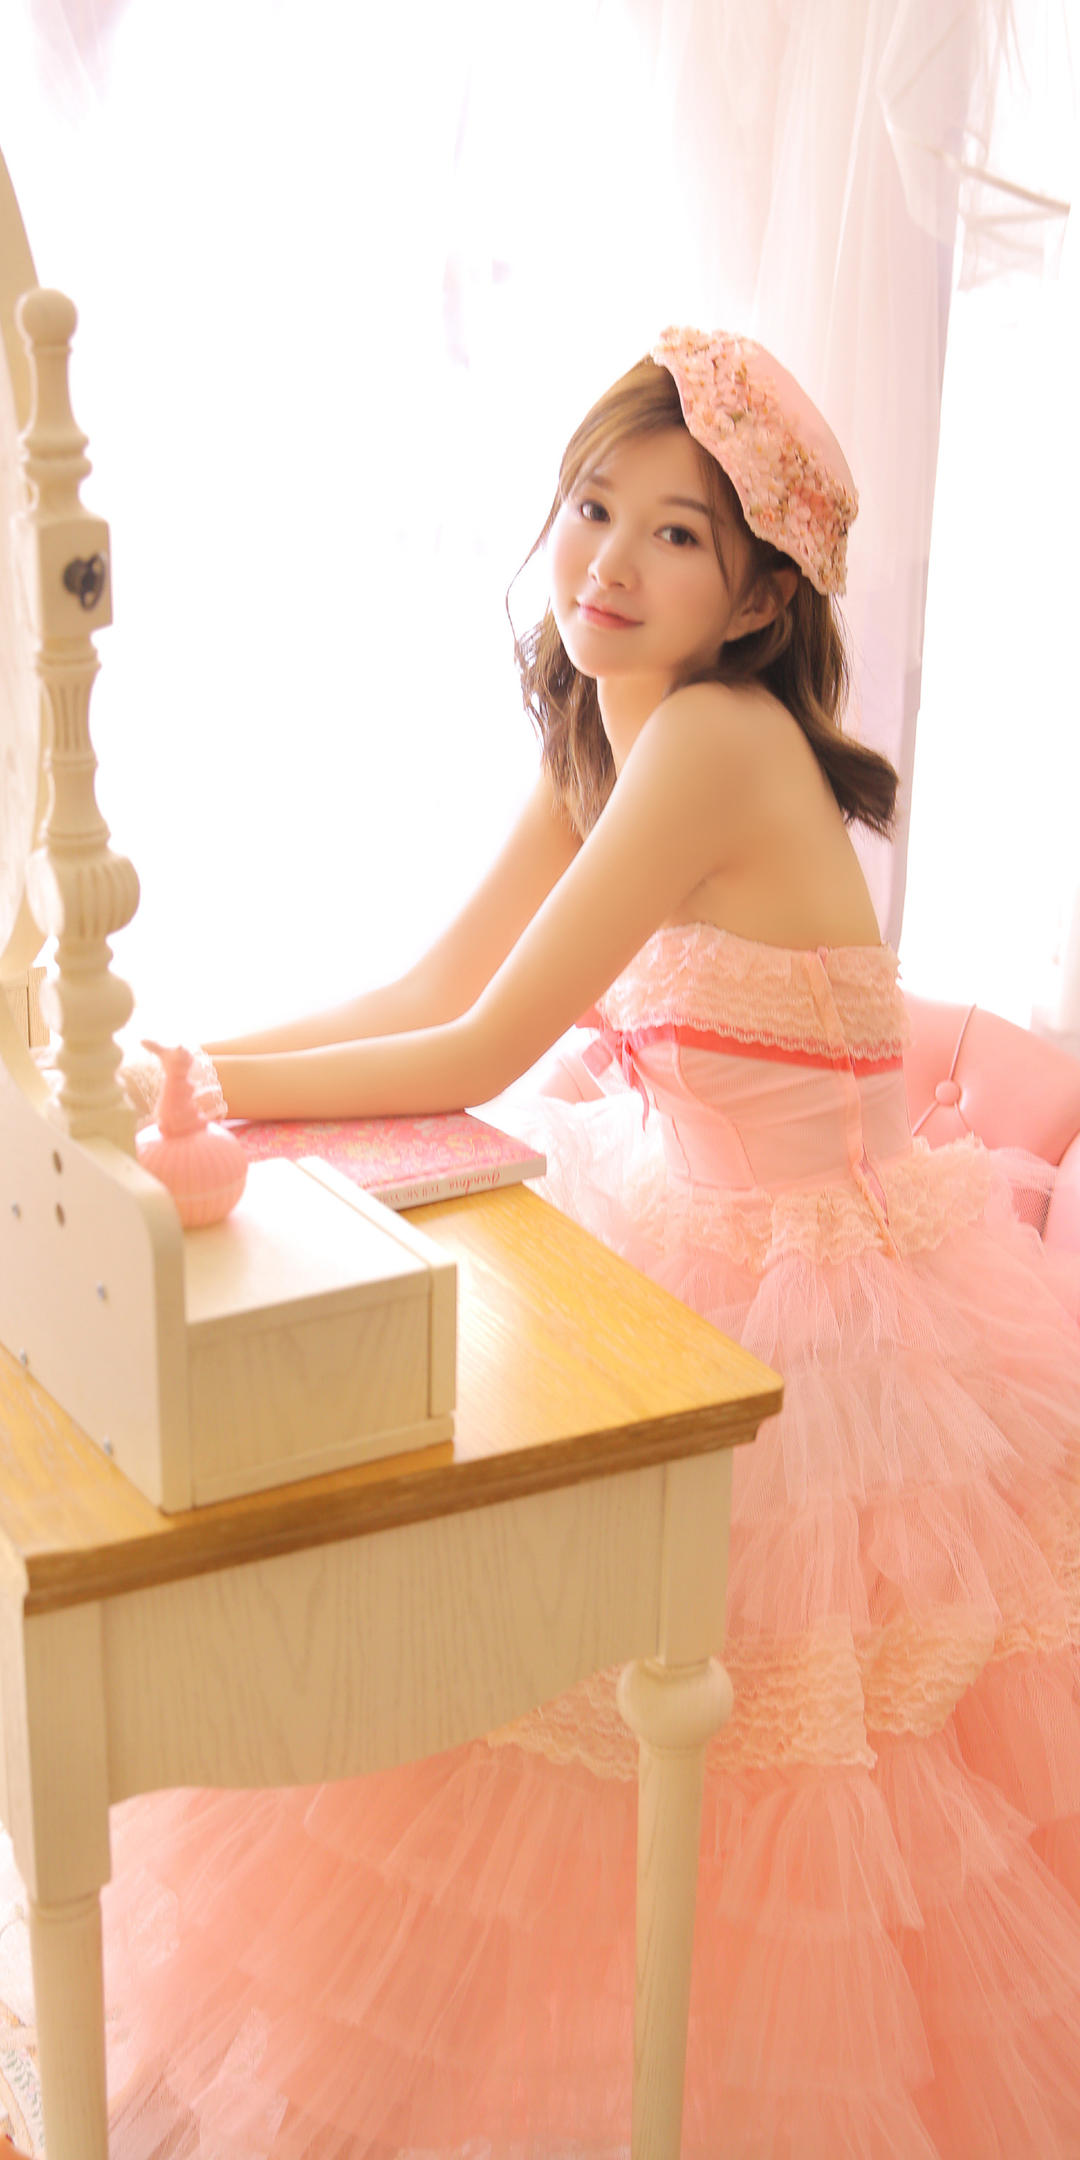 粉色系少女心手机壁纸插图33